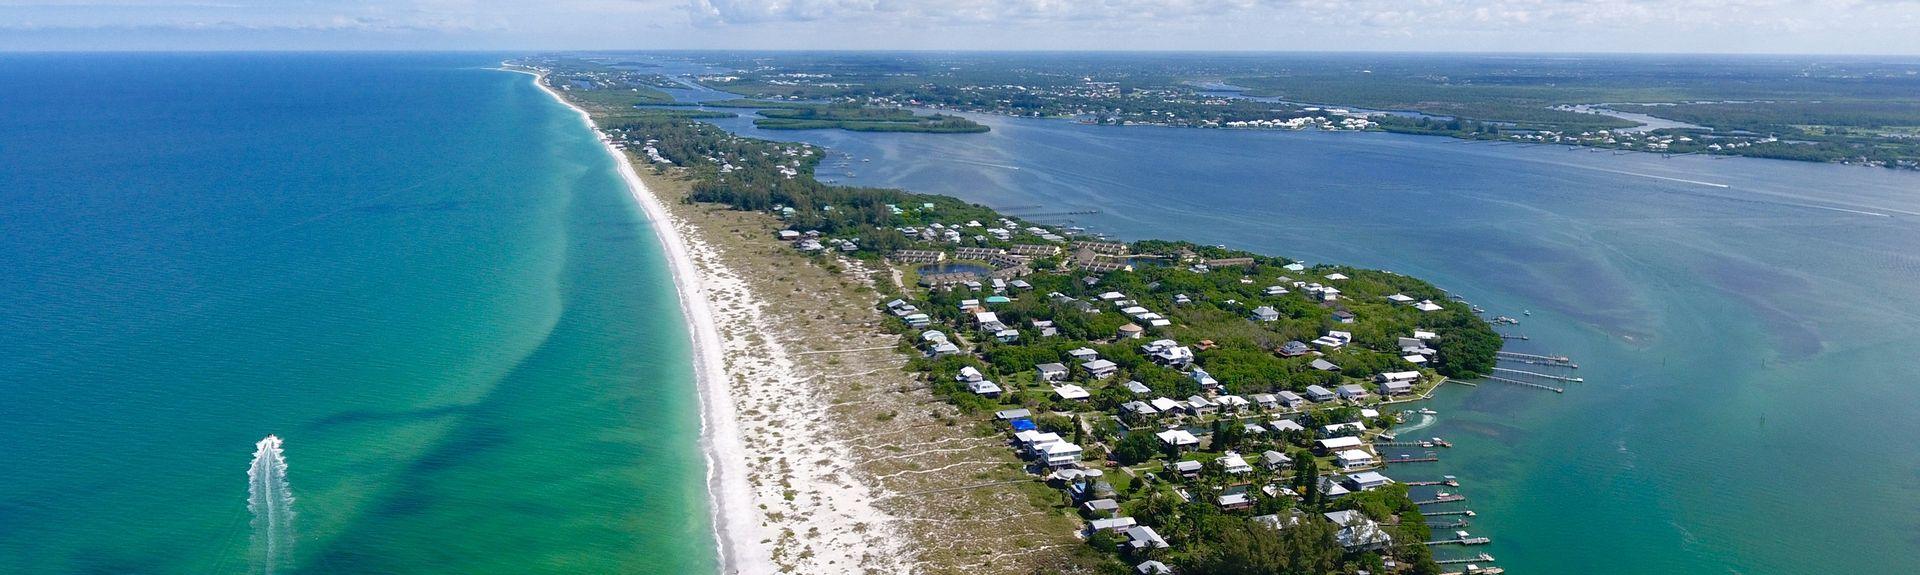 Lemon Bay, Floride, États-Unis d'Amérique